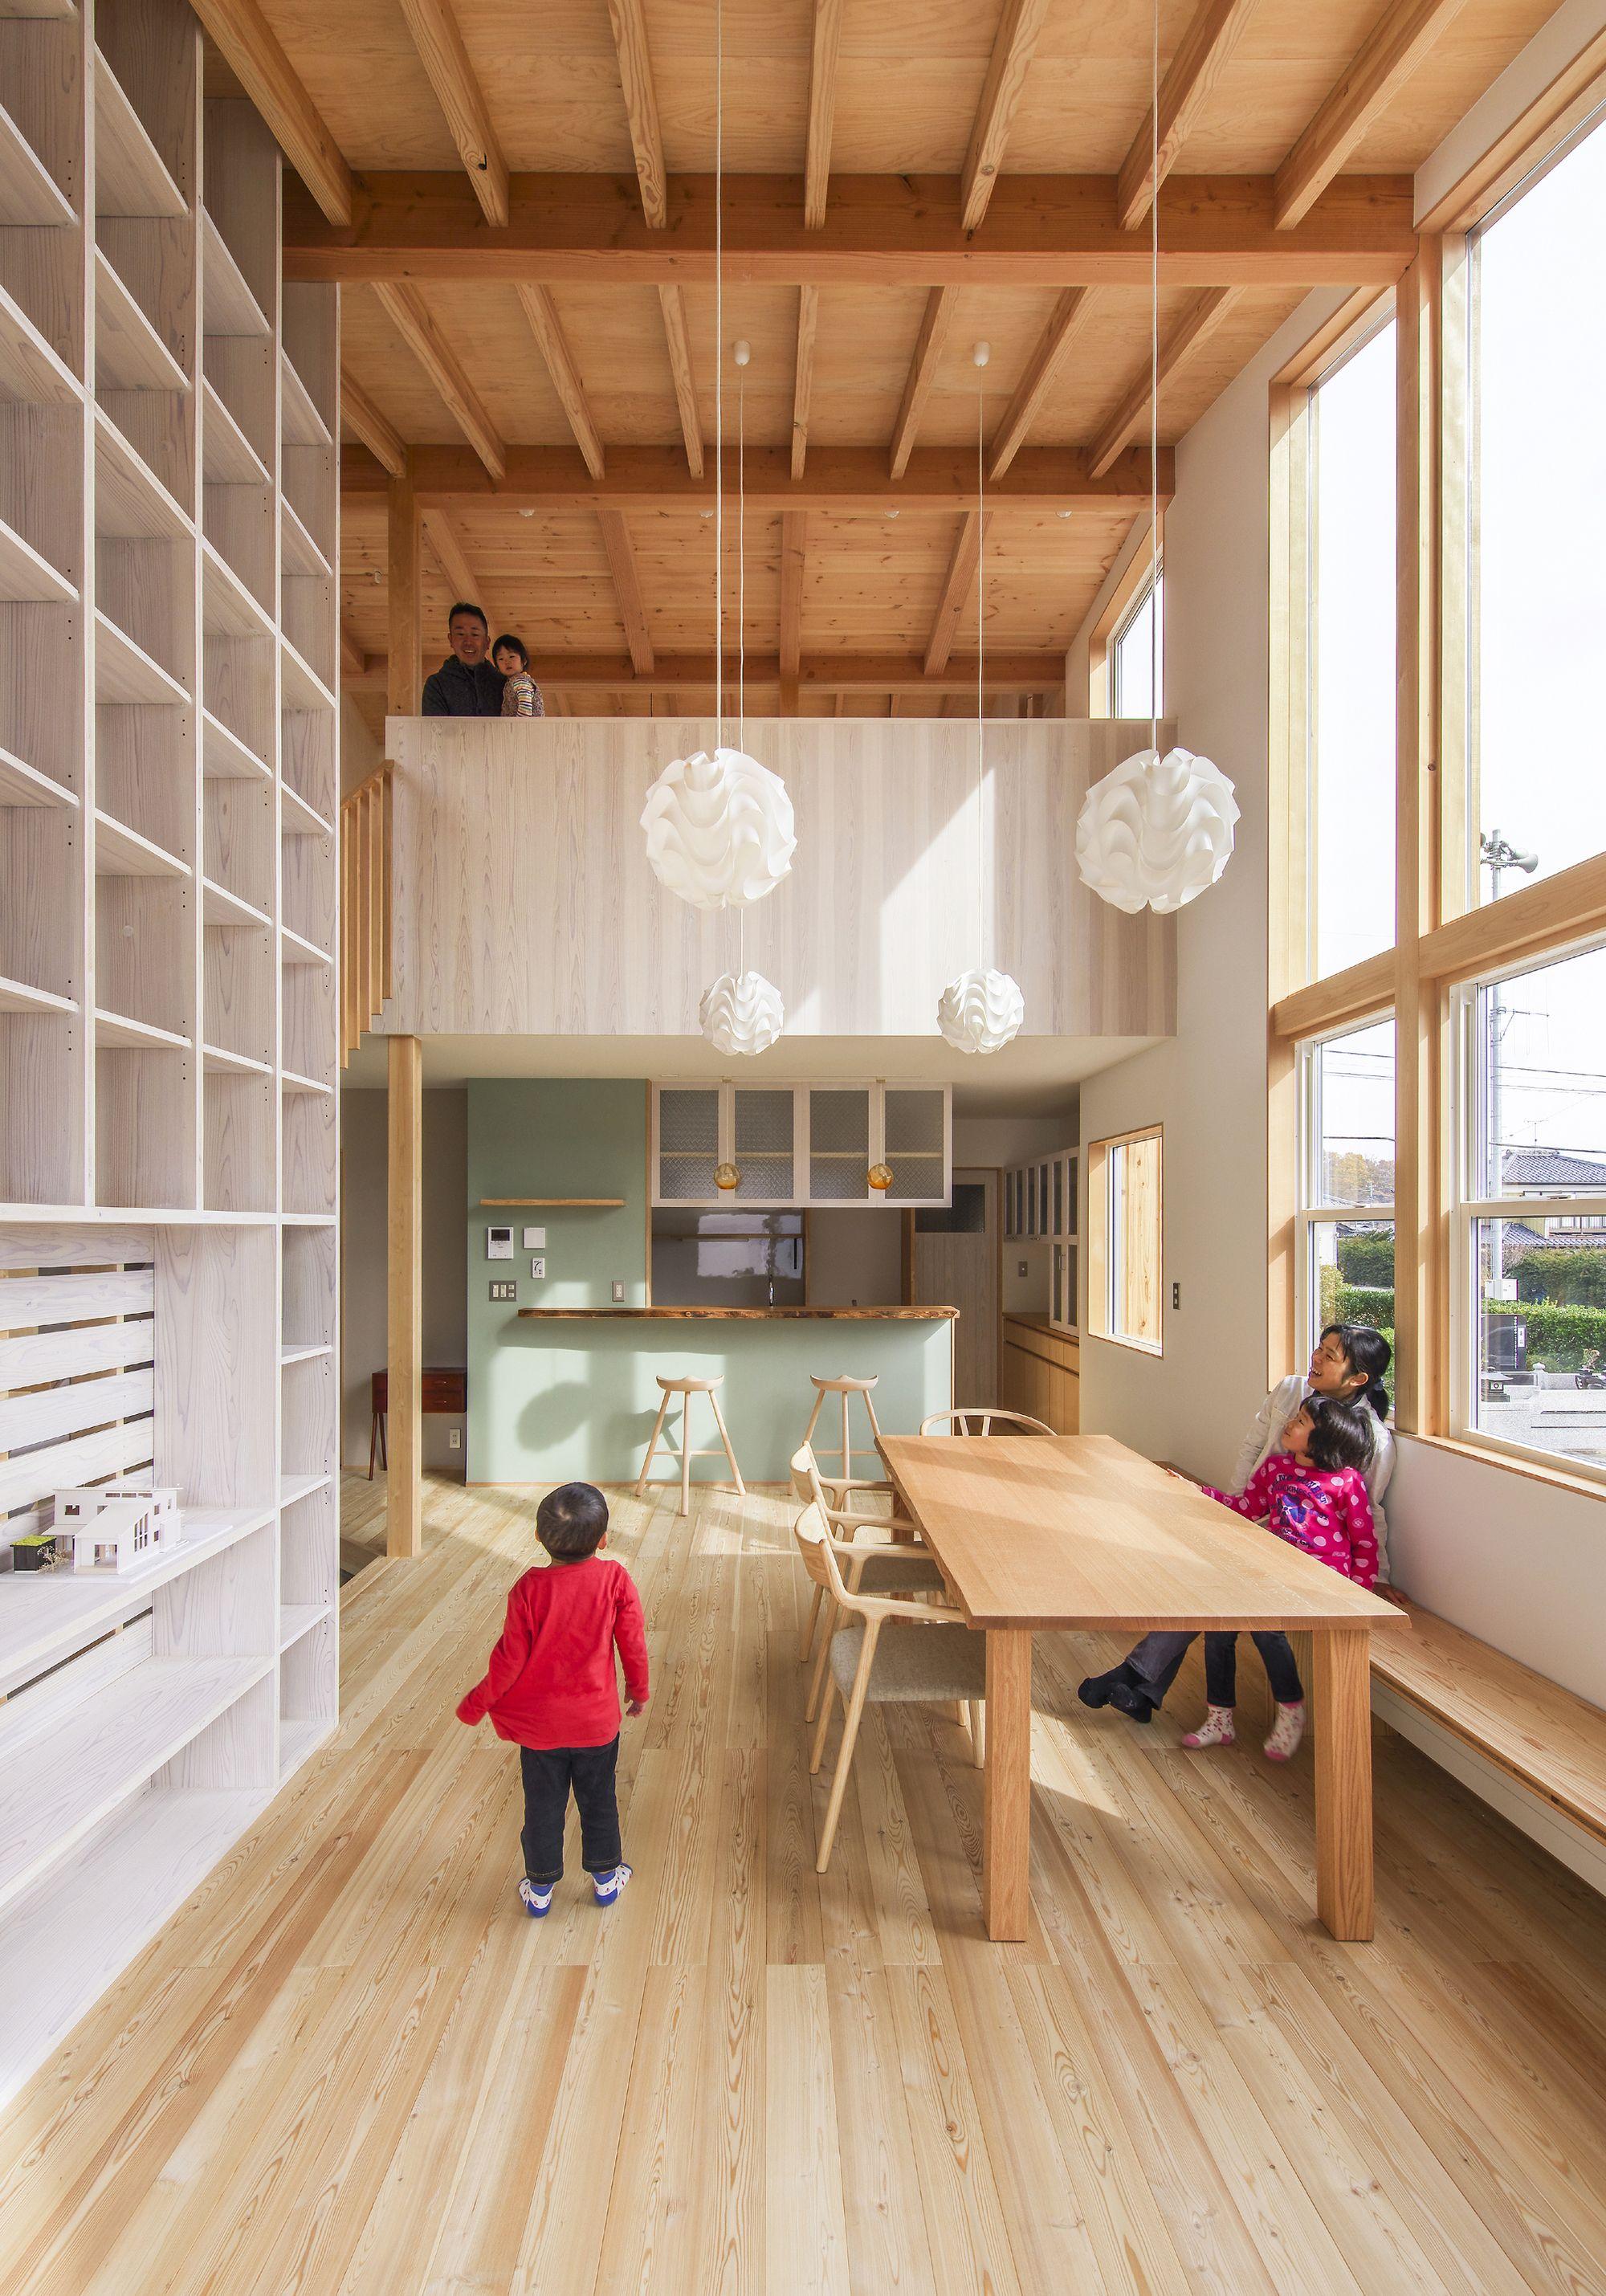 Küchendesign einfach aber elegant renhouse  mtkarchitects in   bauko  pinterest  architektur